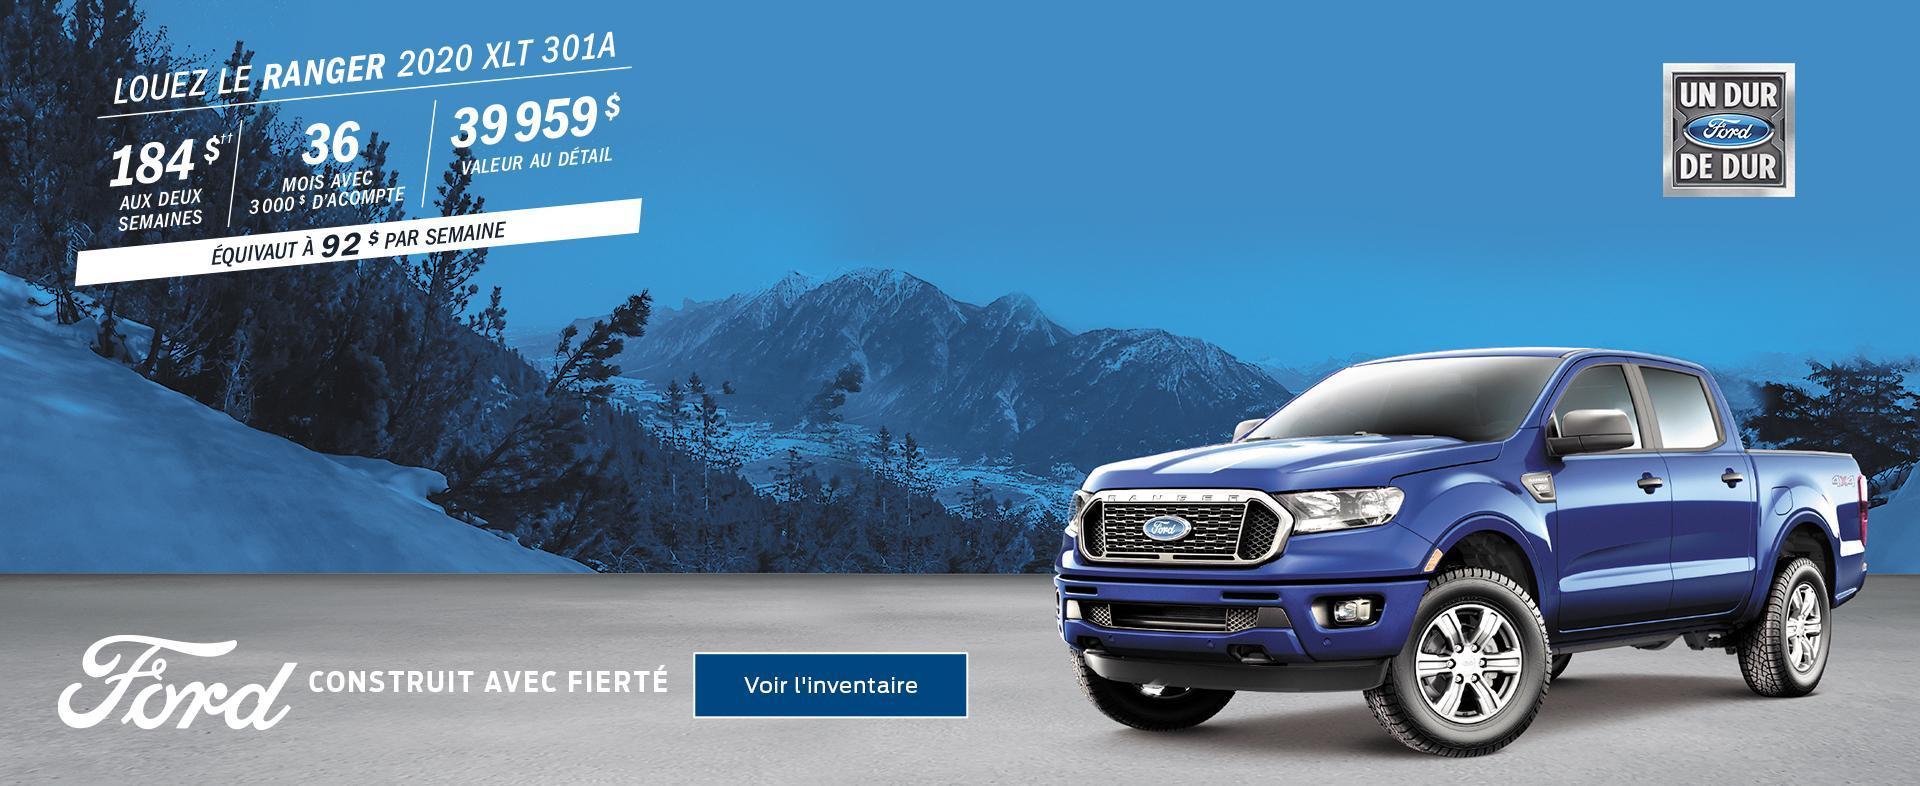 Ford février Ranger 2020